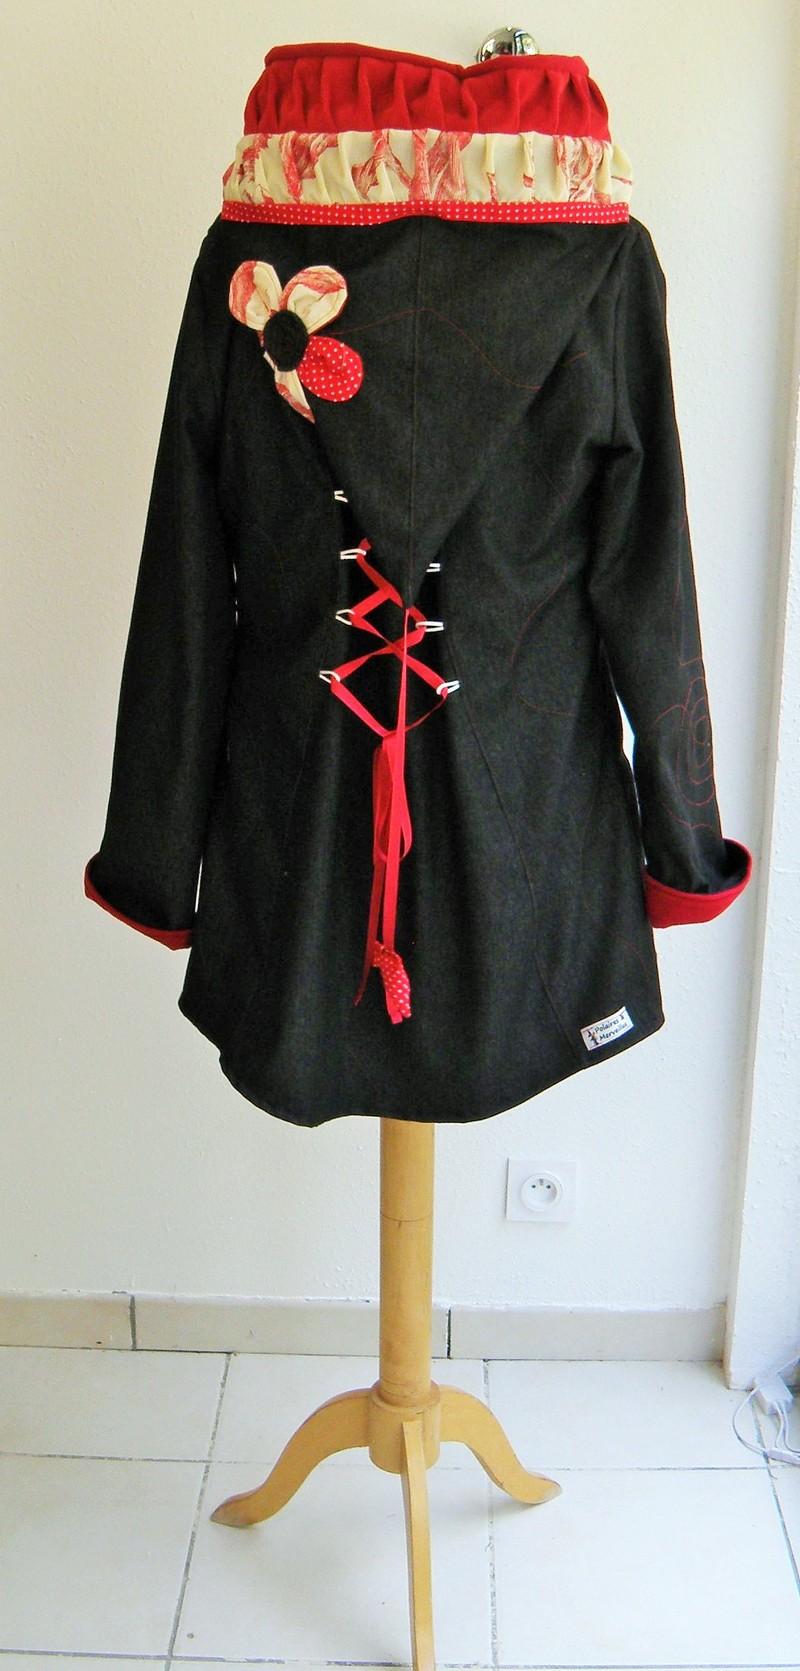 Veste lutin en jean noir doublée micro rouge + coton ecru/rouge T40-5171